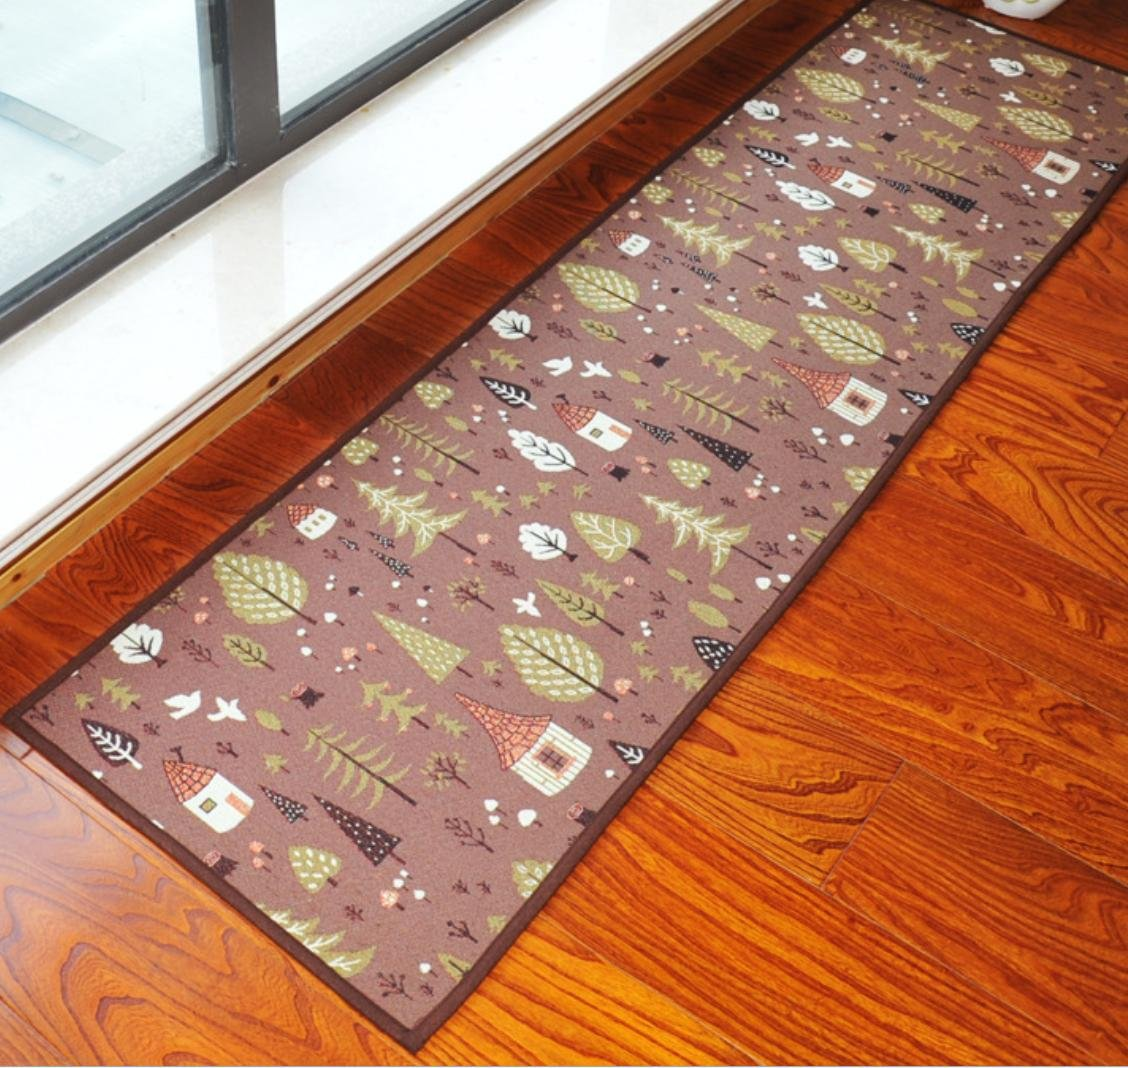 Teppich-Fuss-Auflage Anti-Rutsch-Pads 45  120CM 120CM 120CM Kann ohne Verformung Startseite Mats gewaschen Werden, 4 B06XWSFX35 Duschmatten a334ed